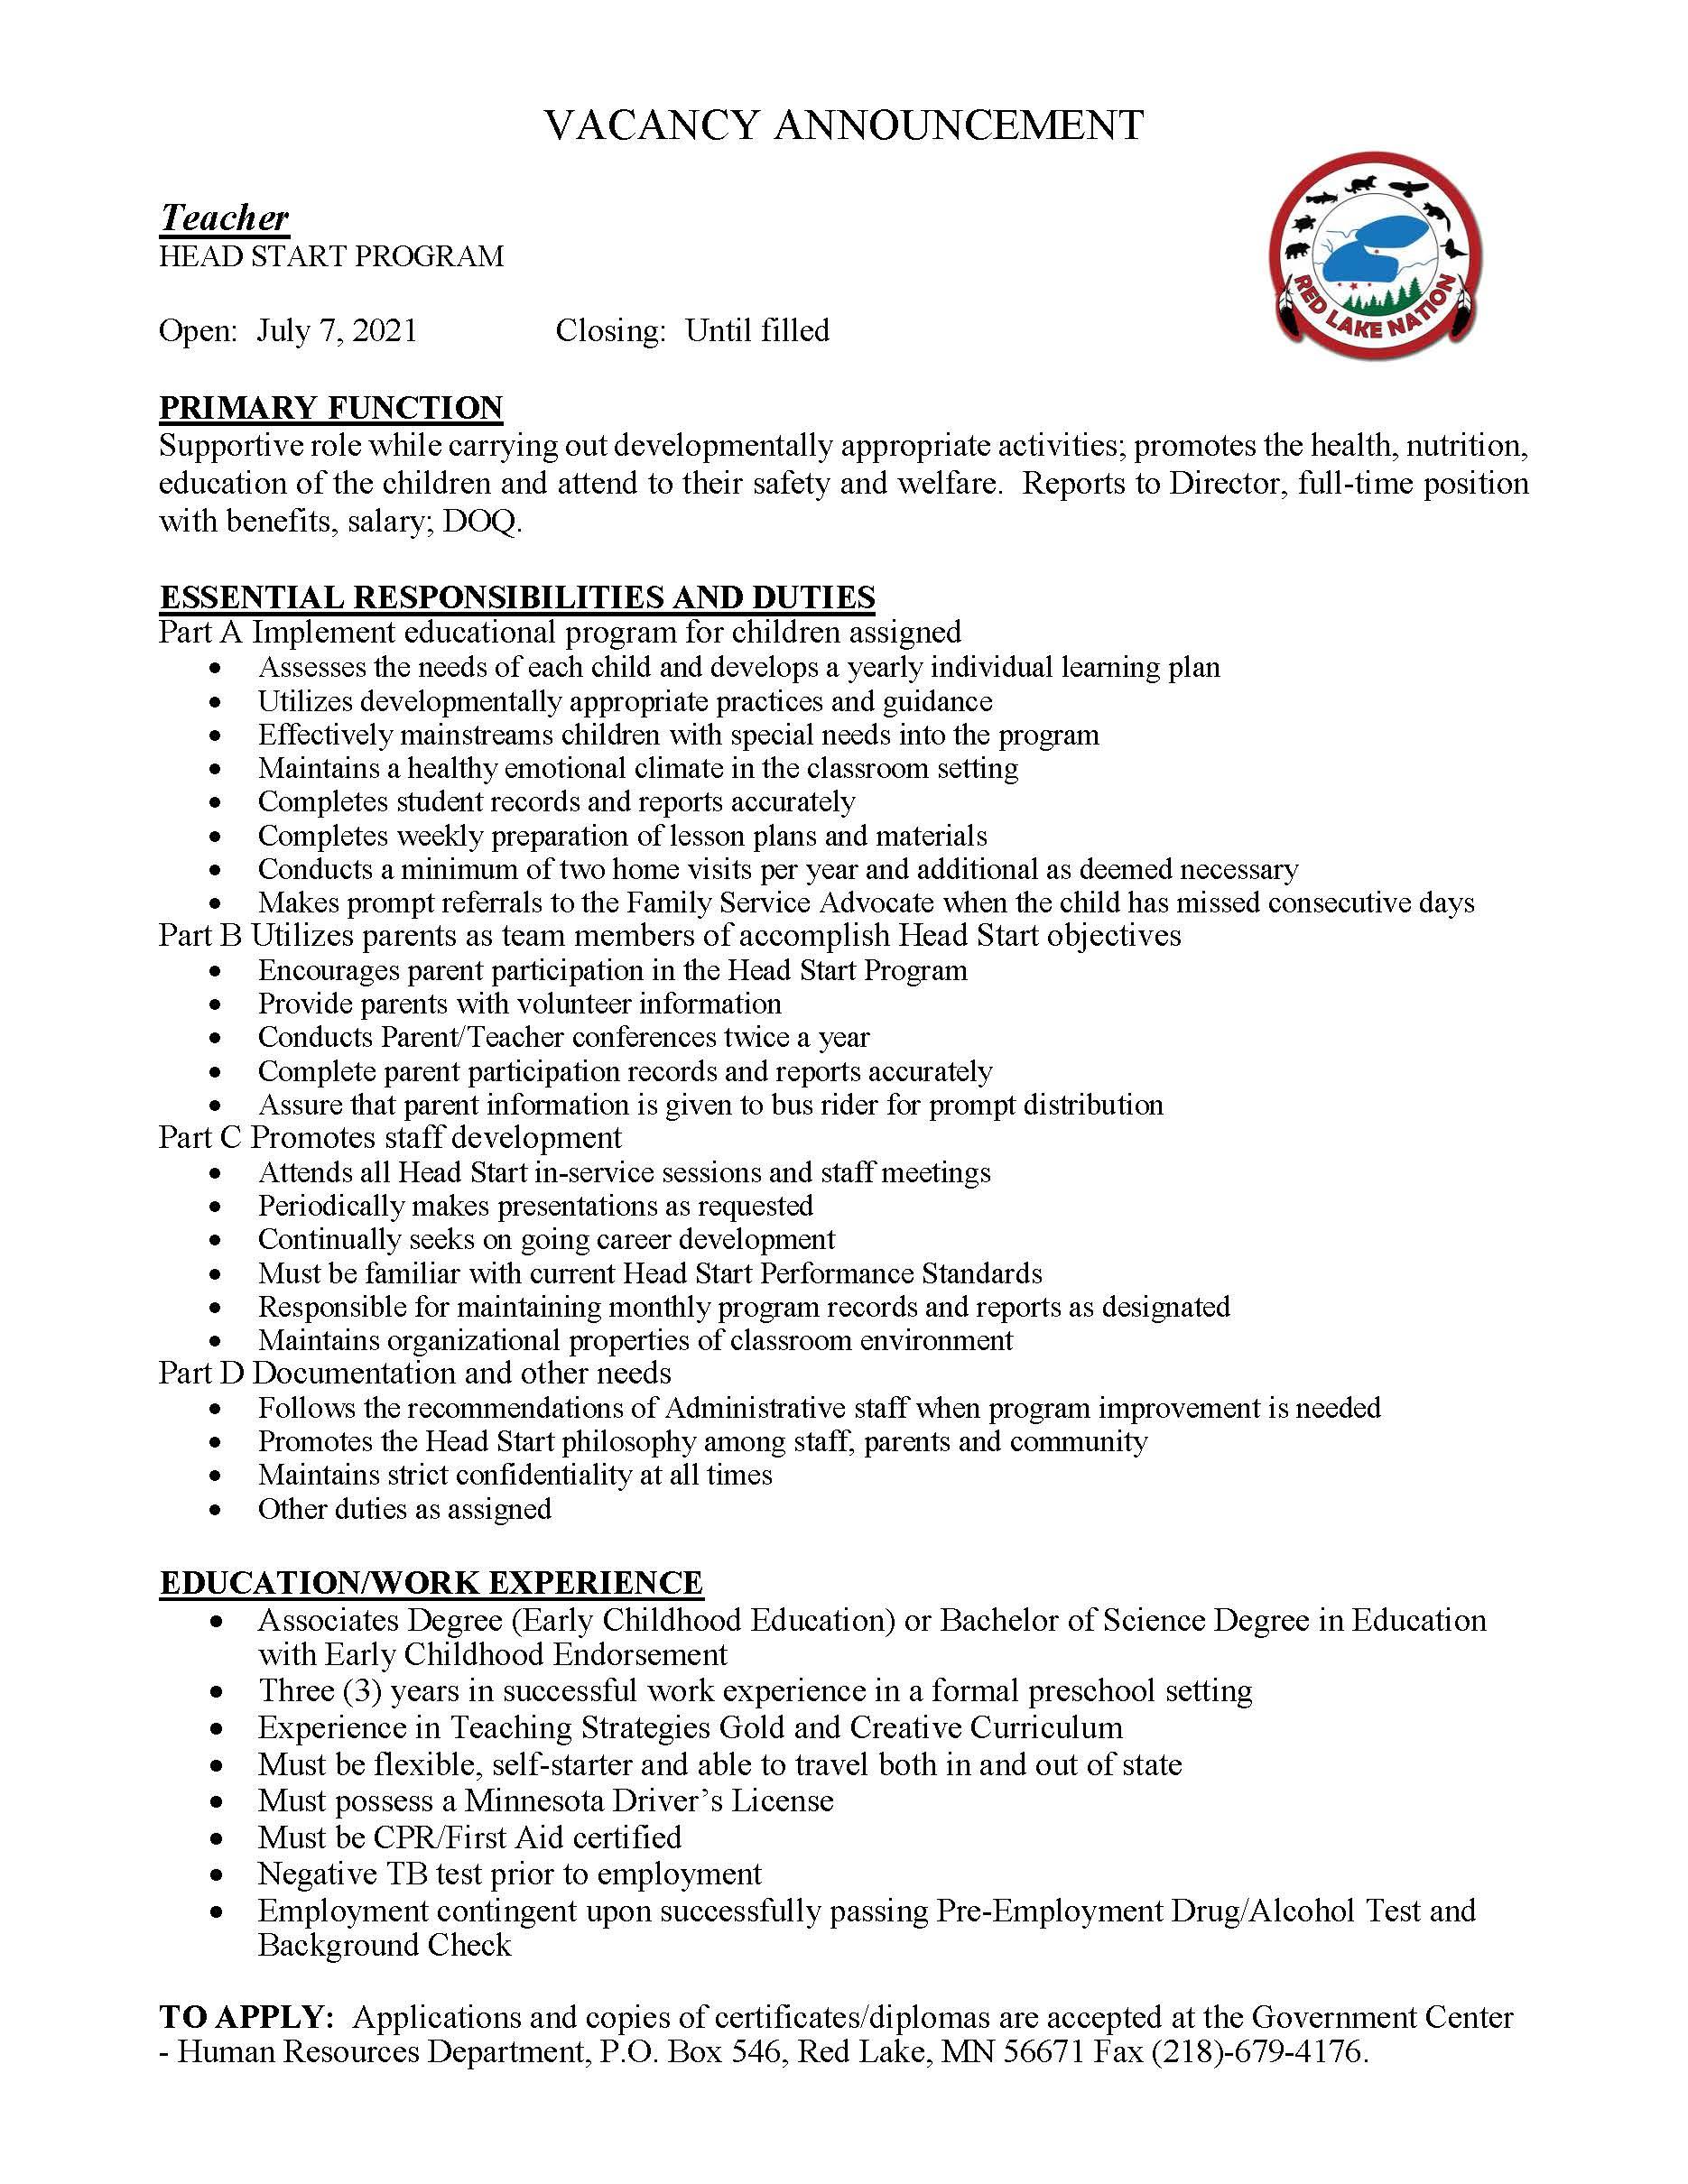 Teacher-Head Start Program-Job posting-7-7-2021